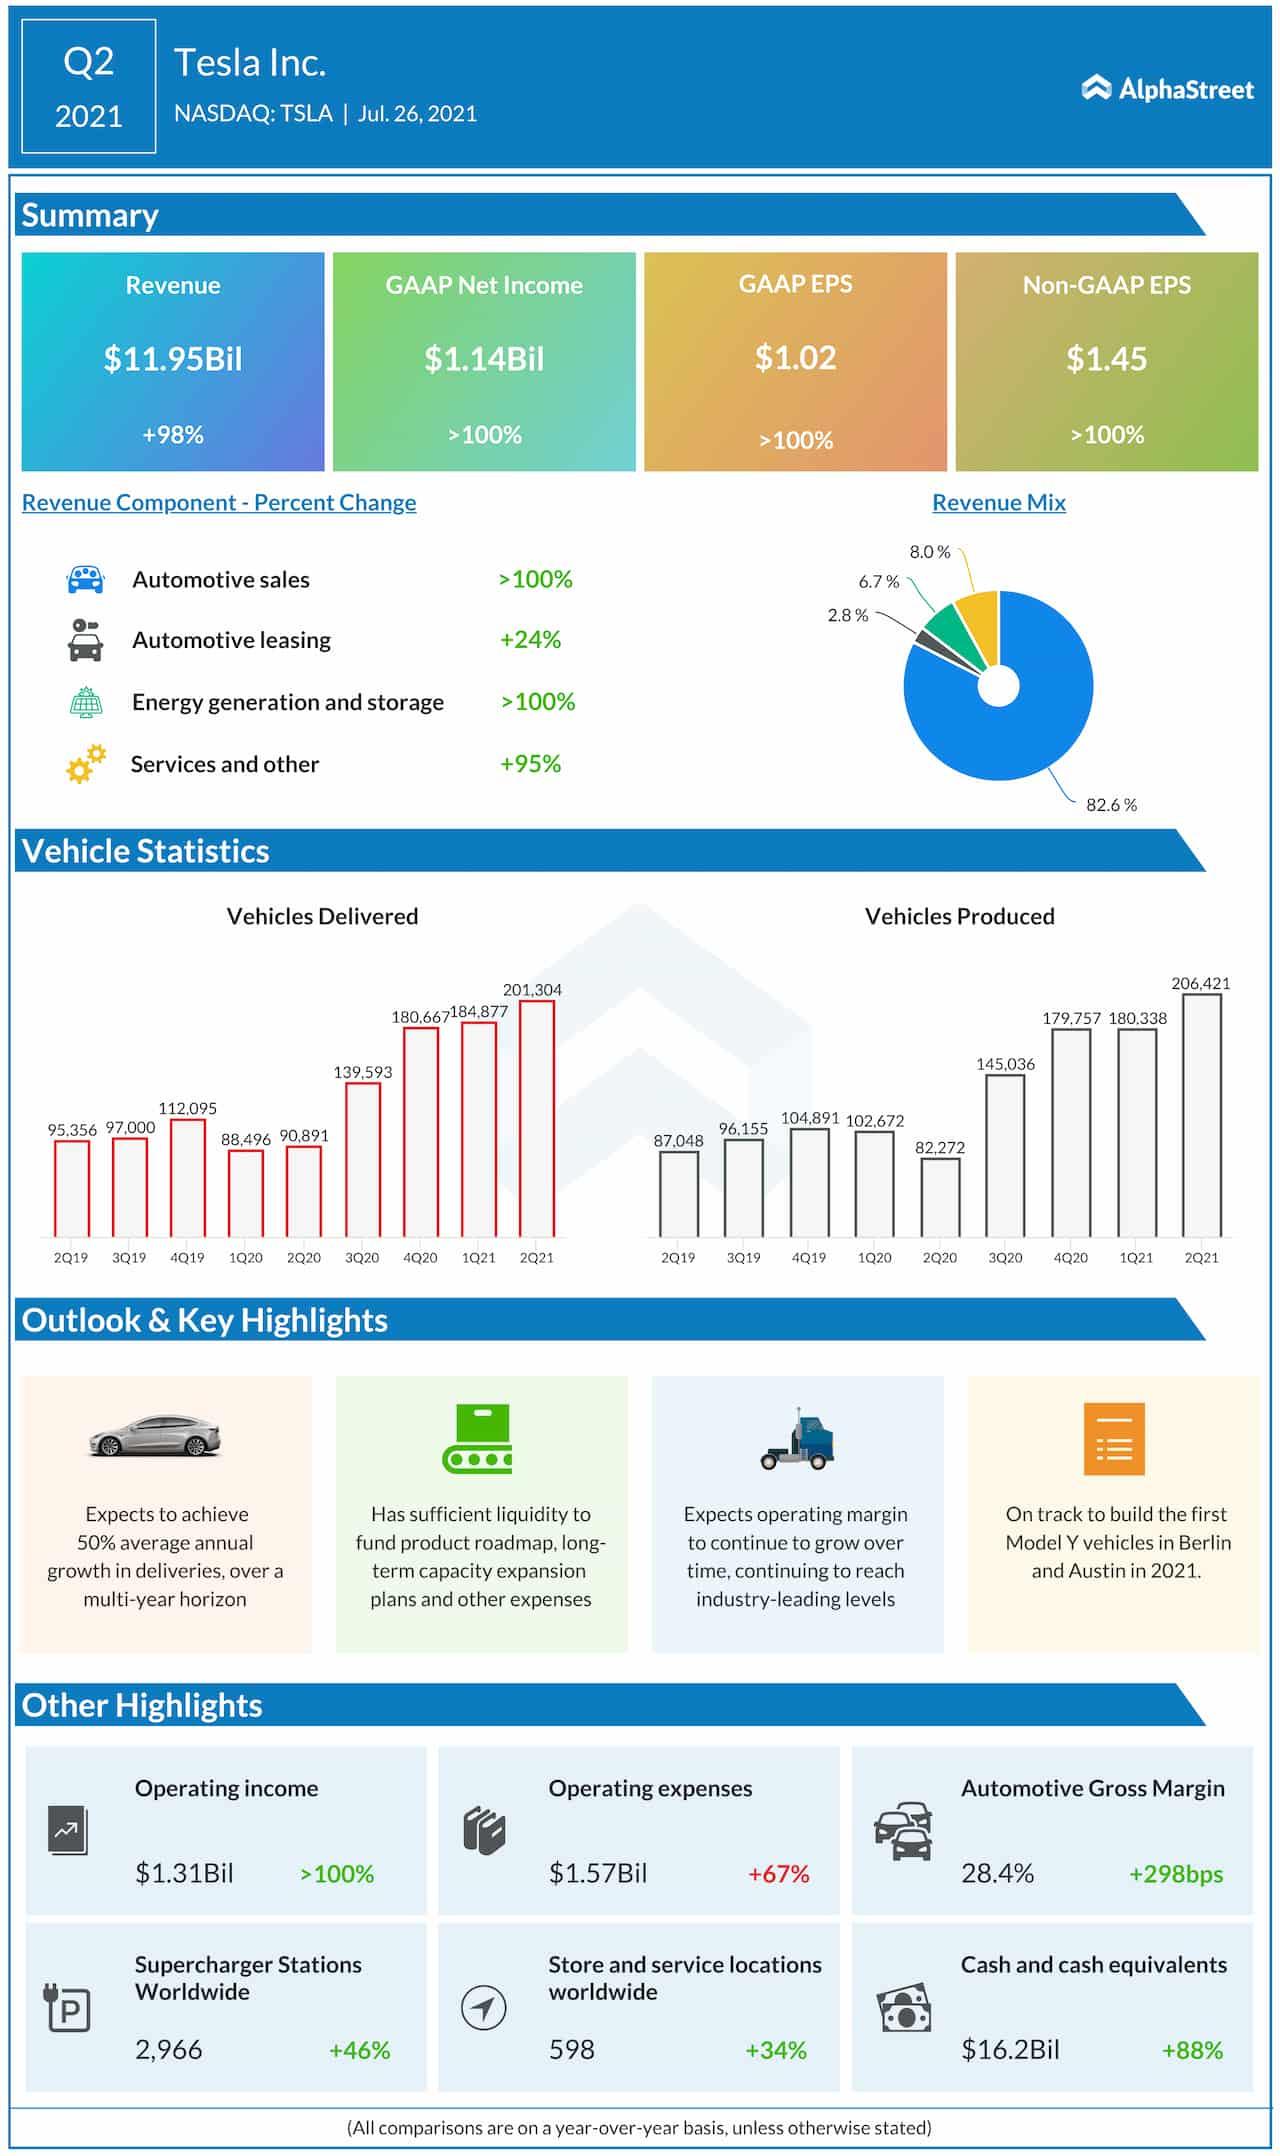 Tesla Q2 2021 earnings infographic